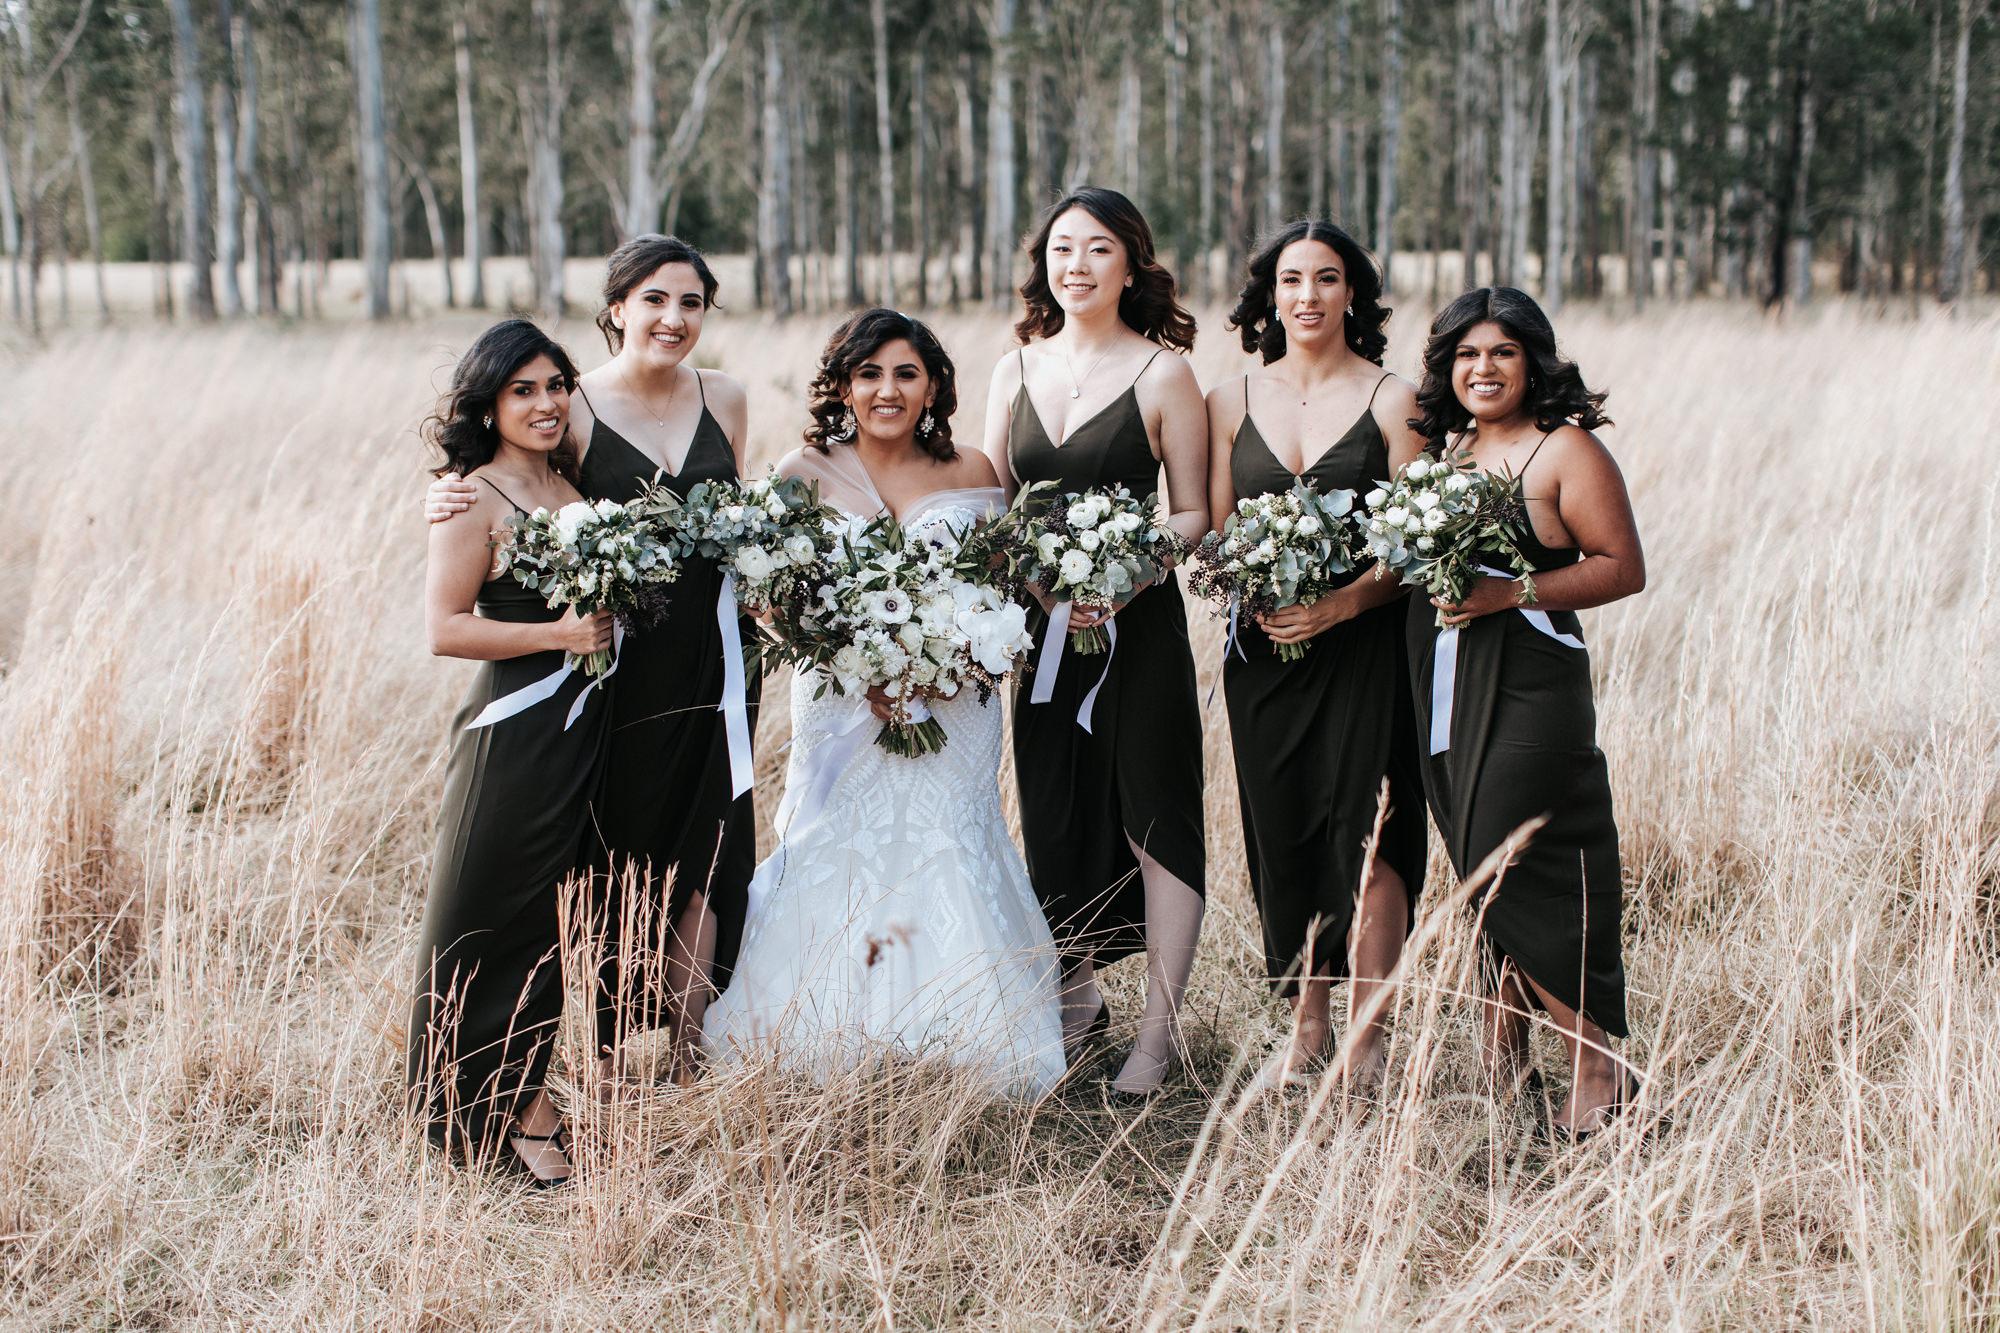 amani-rish-jaspers-wedding-5.jpg